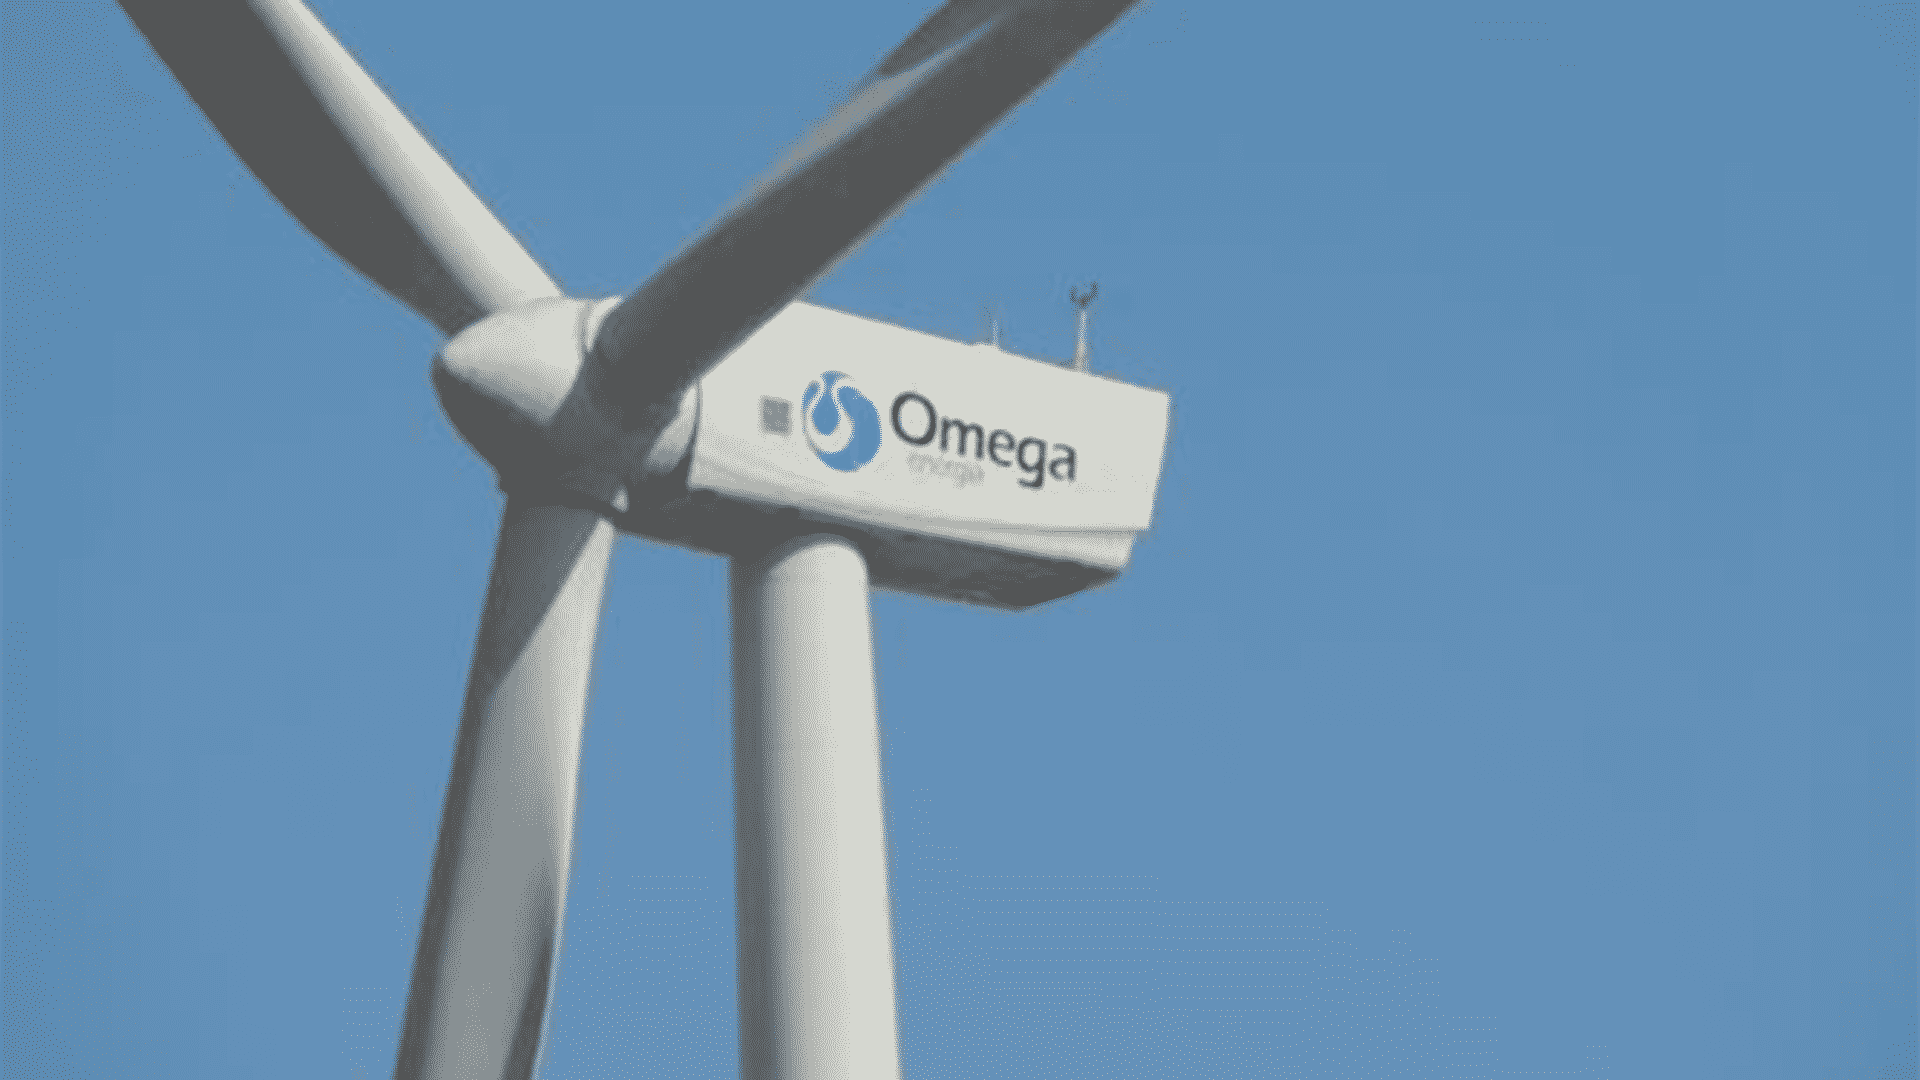 Omega energia - Grupo Matheus - energia renovável